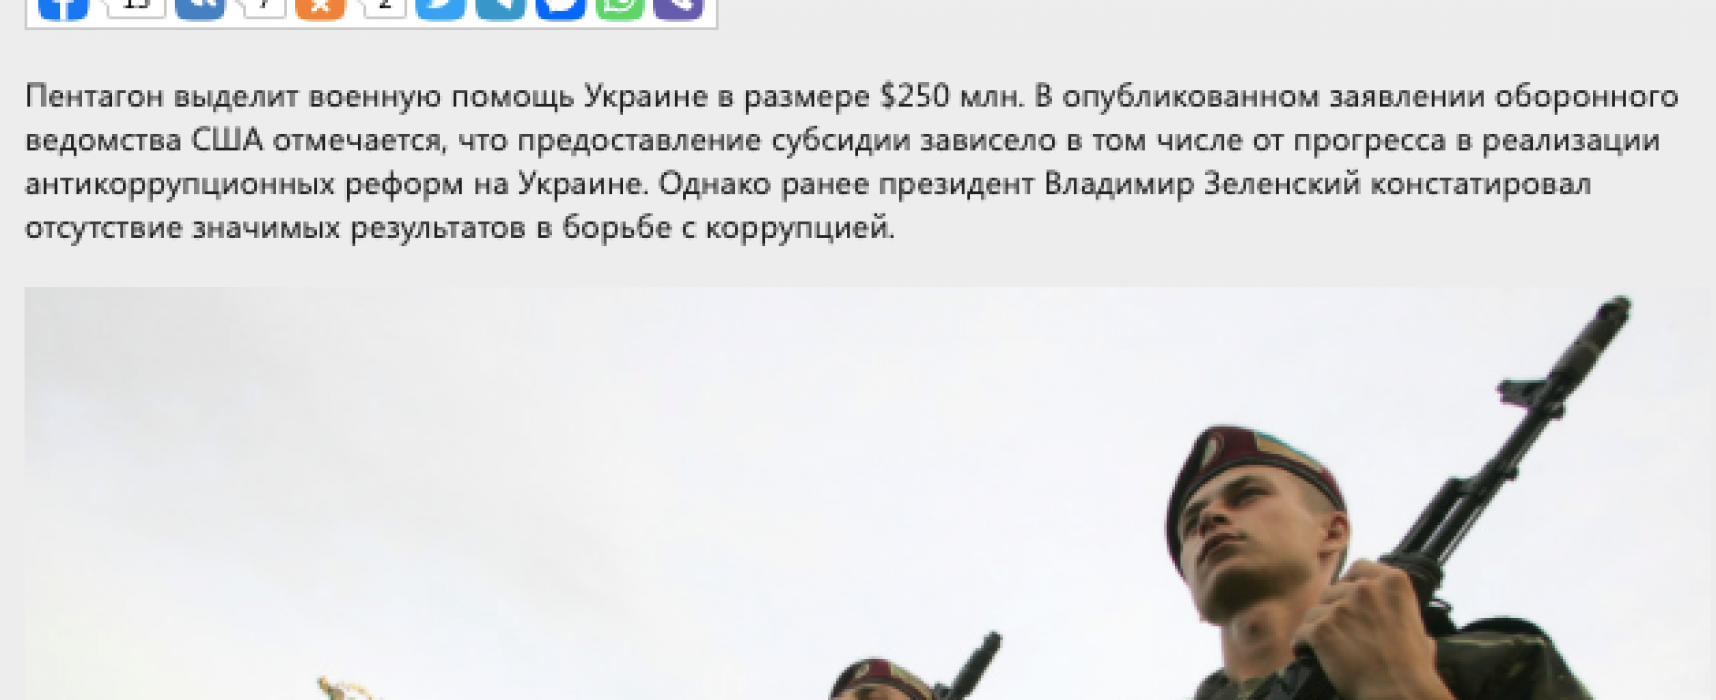 Фейк: Украина использует помощь Пентагона против мирного населения Донбасса